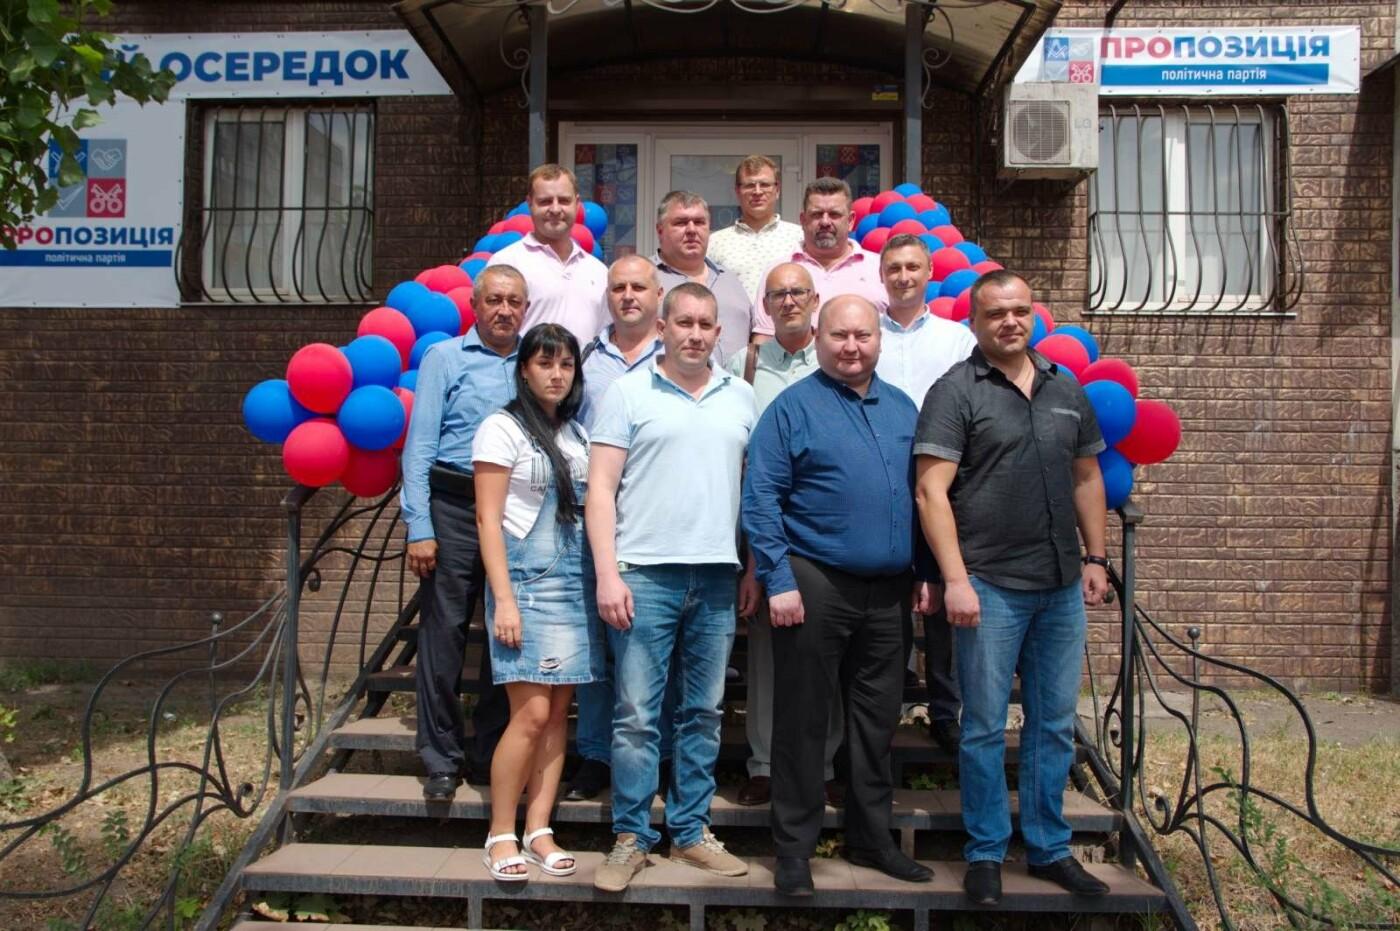 """Нова політсила вже діє: у Кривому Розі відкрито офіс та громадську приймальню партії """"Пропозиція"""", фото-3"""